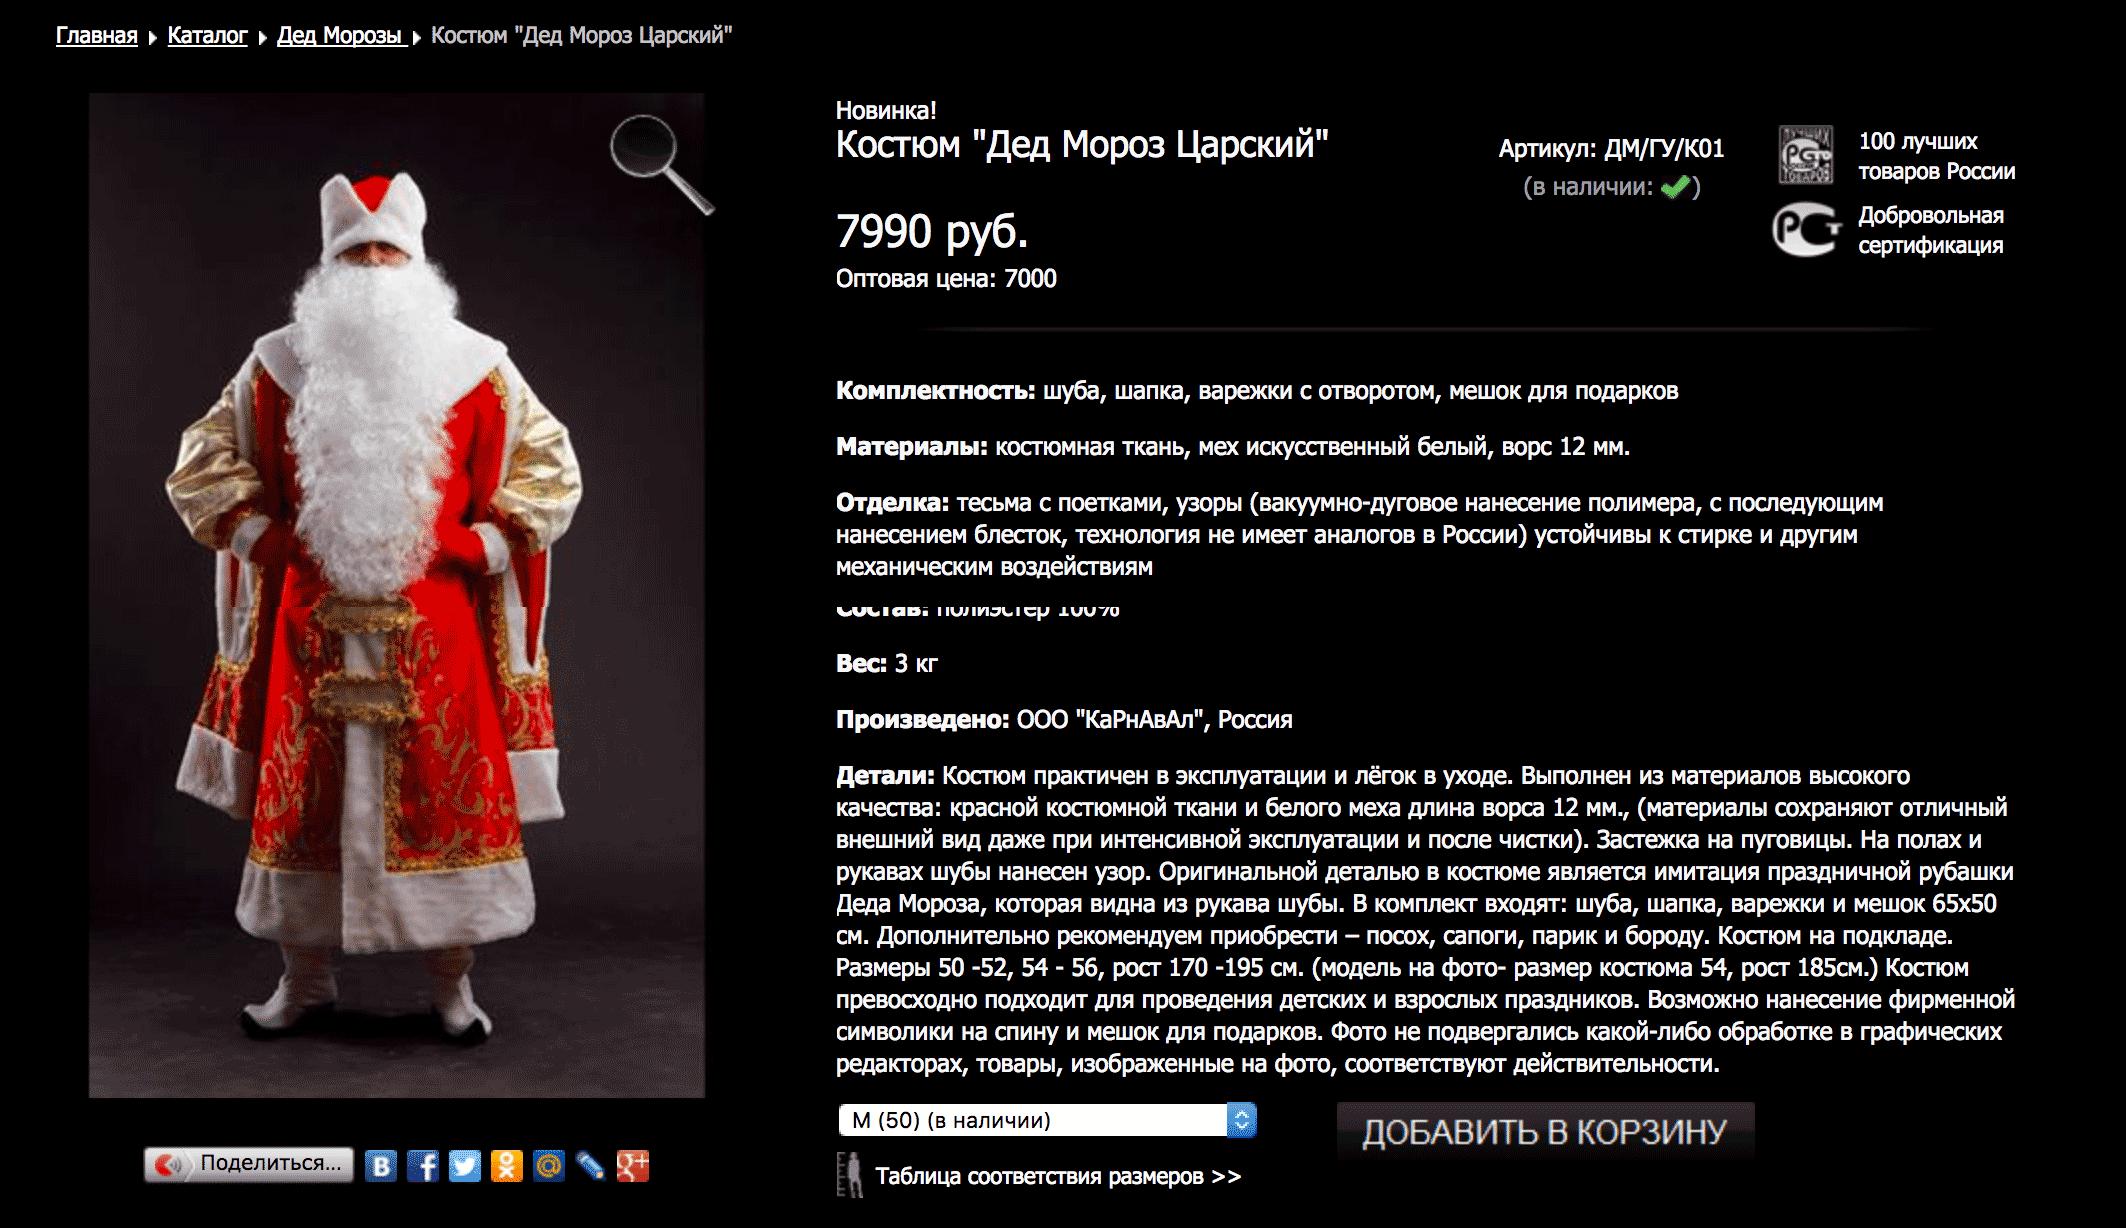 Приличный костюм Деда Мороза можно купить за 8000 р.